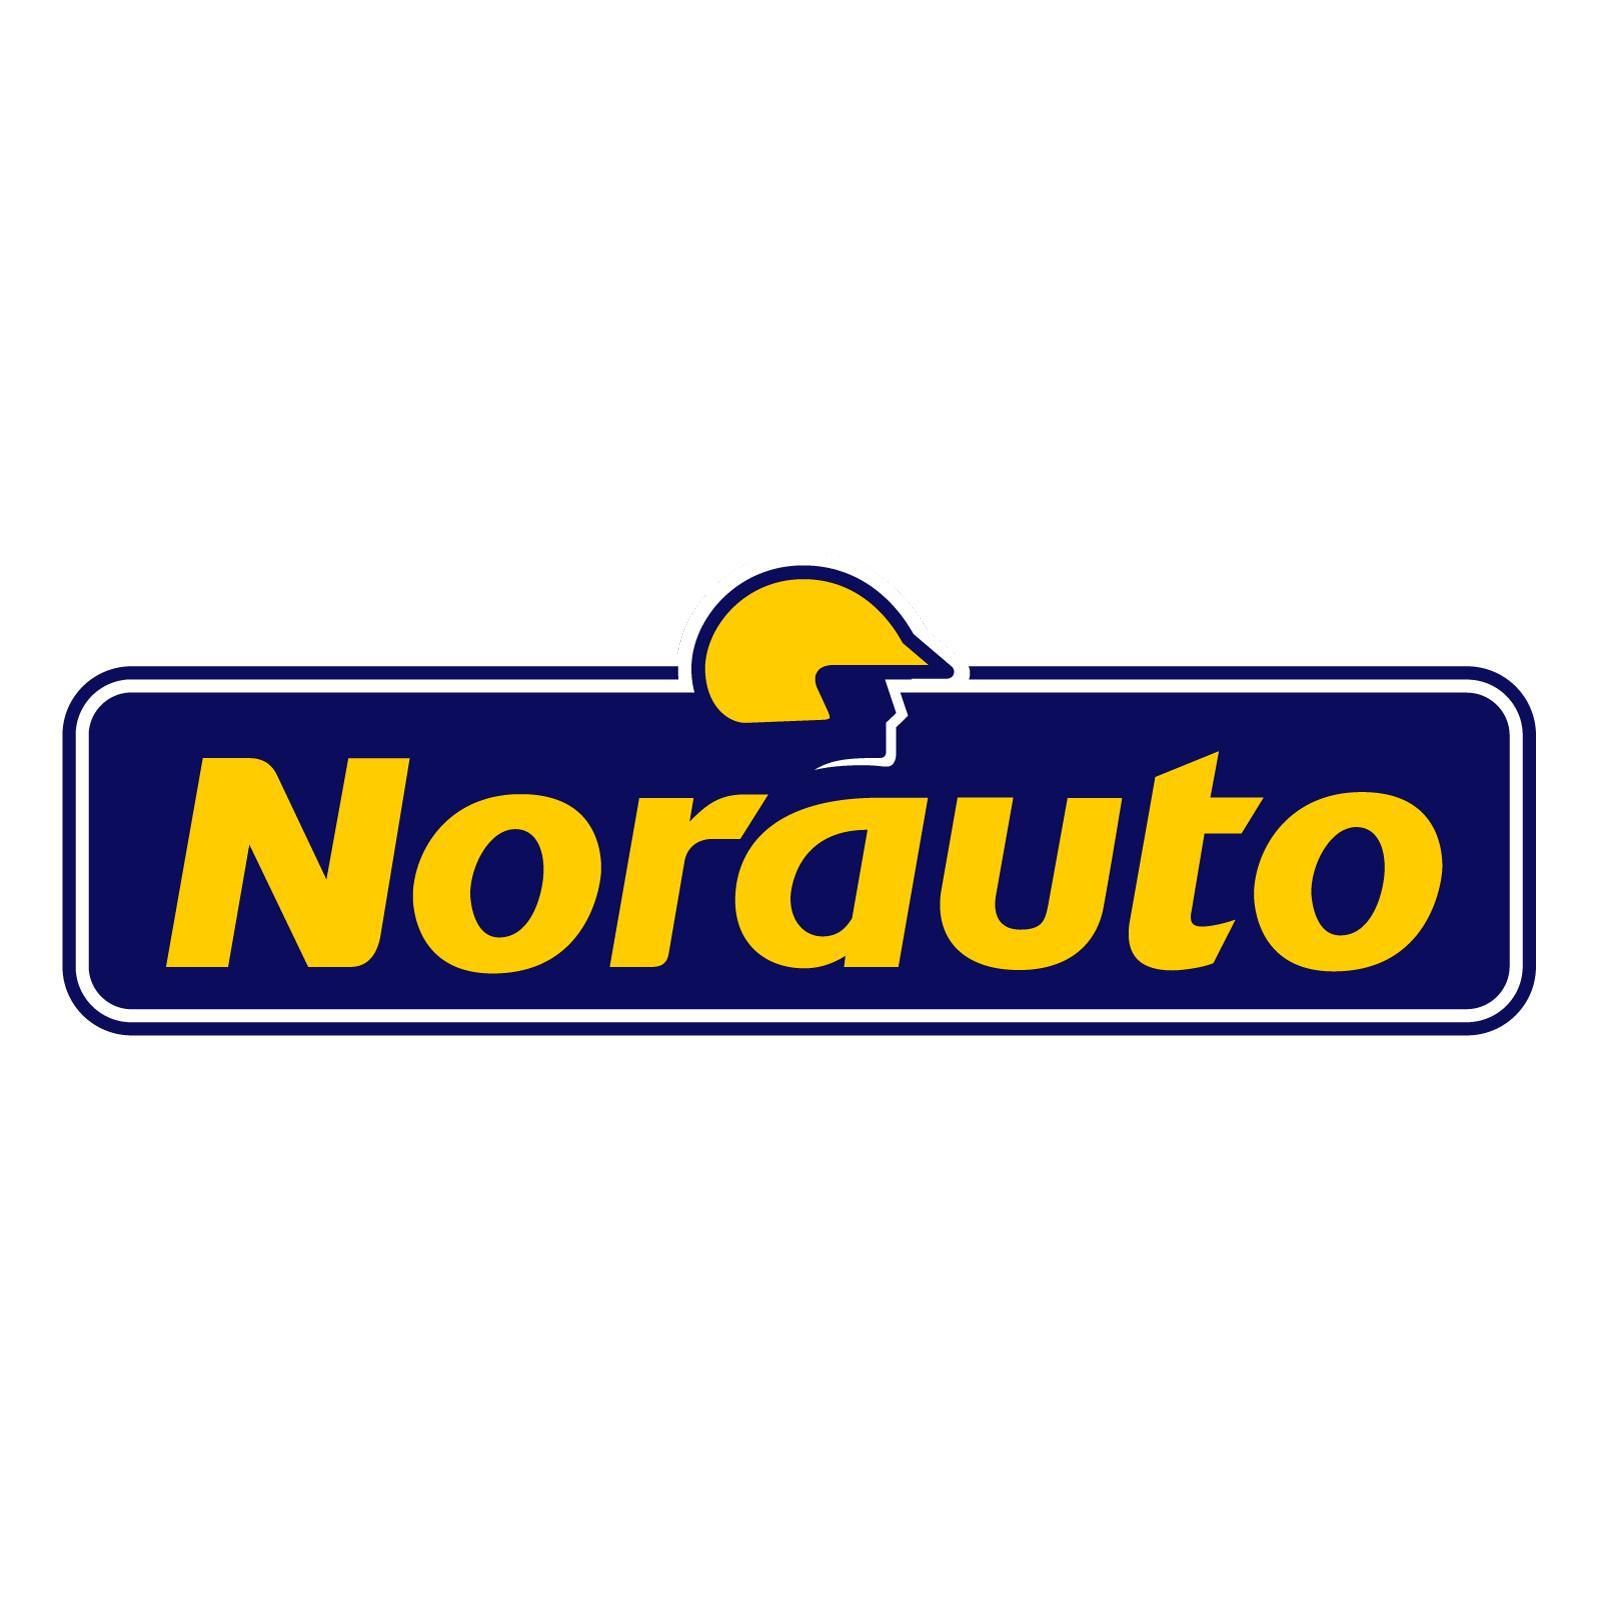 [Nouveaux clients] 15% de réduction sans minimum d'achat sur tout le site (hors promo, huiles, pneus...)